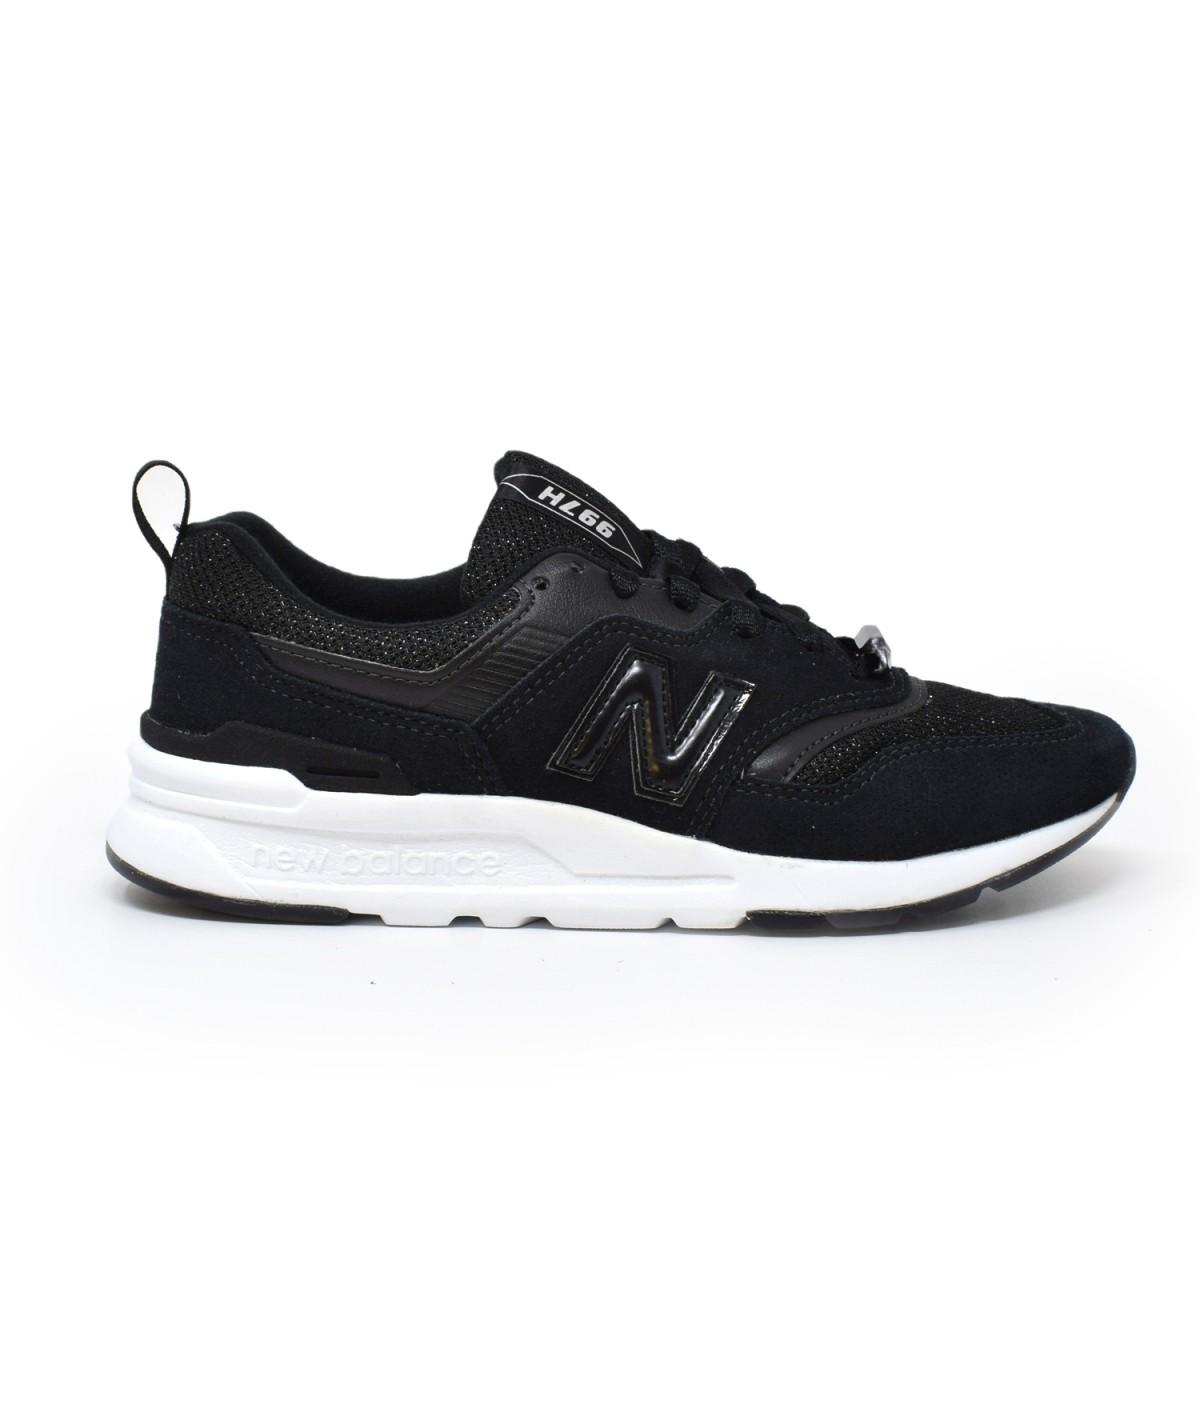 New Balance 997 HJB Sneaker...